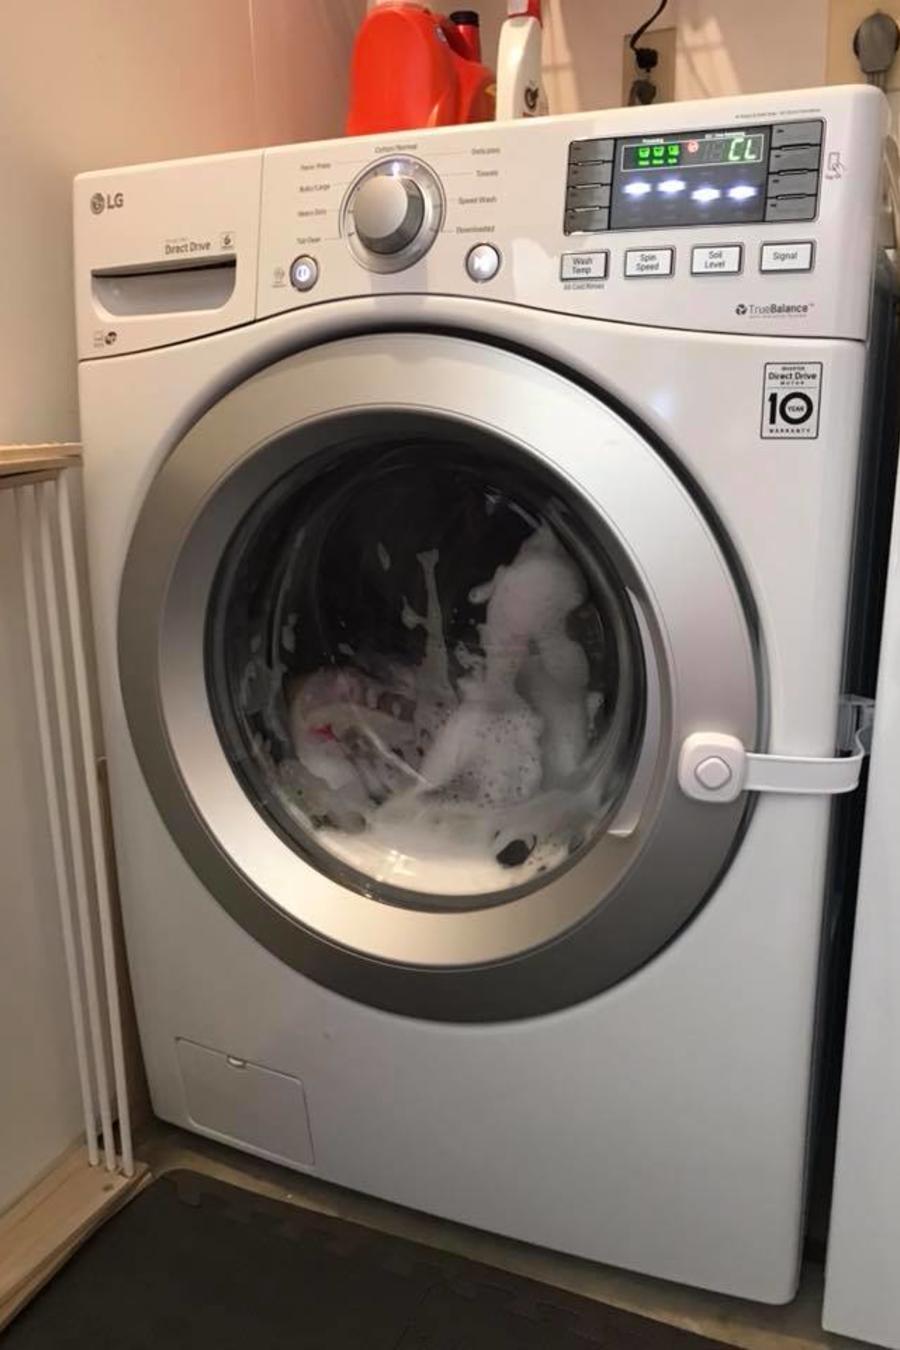 lavadora con seguro para niños